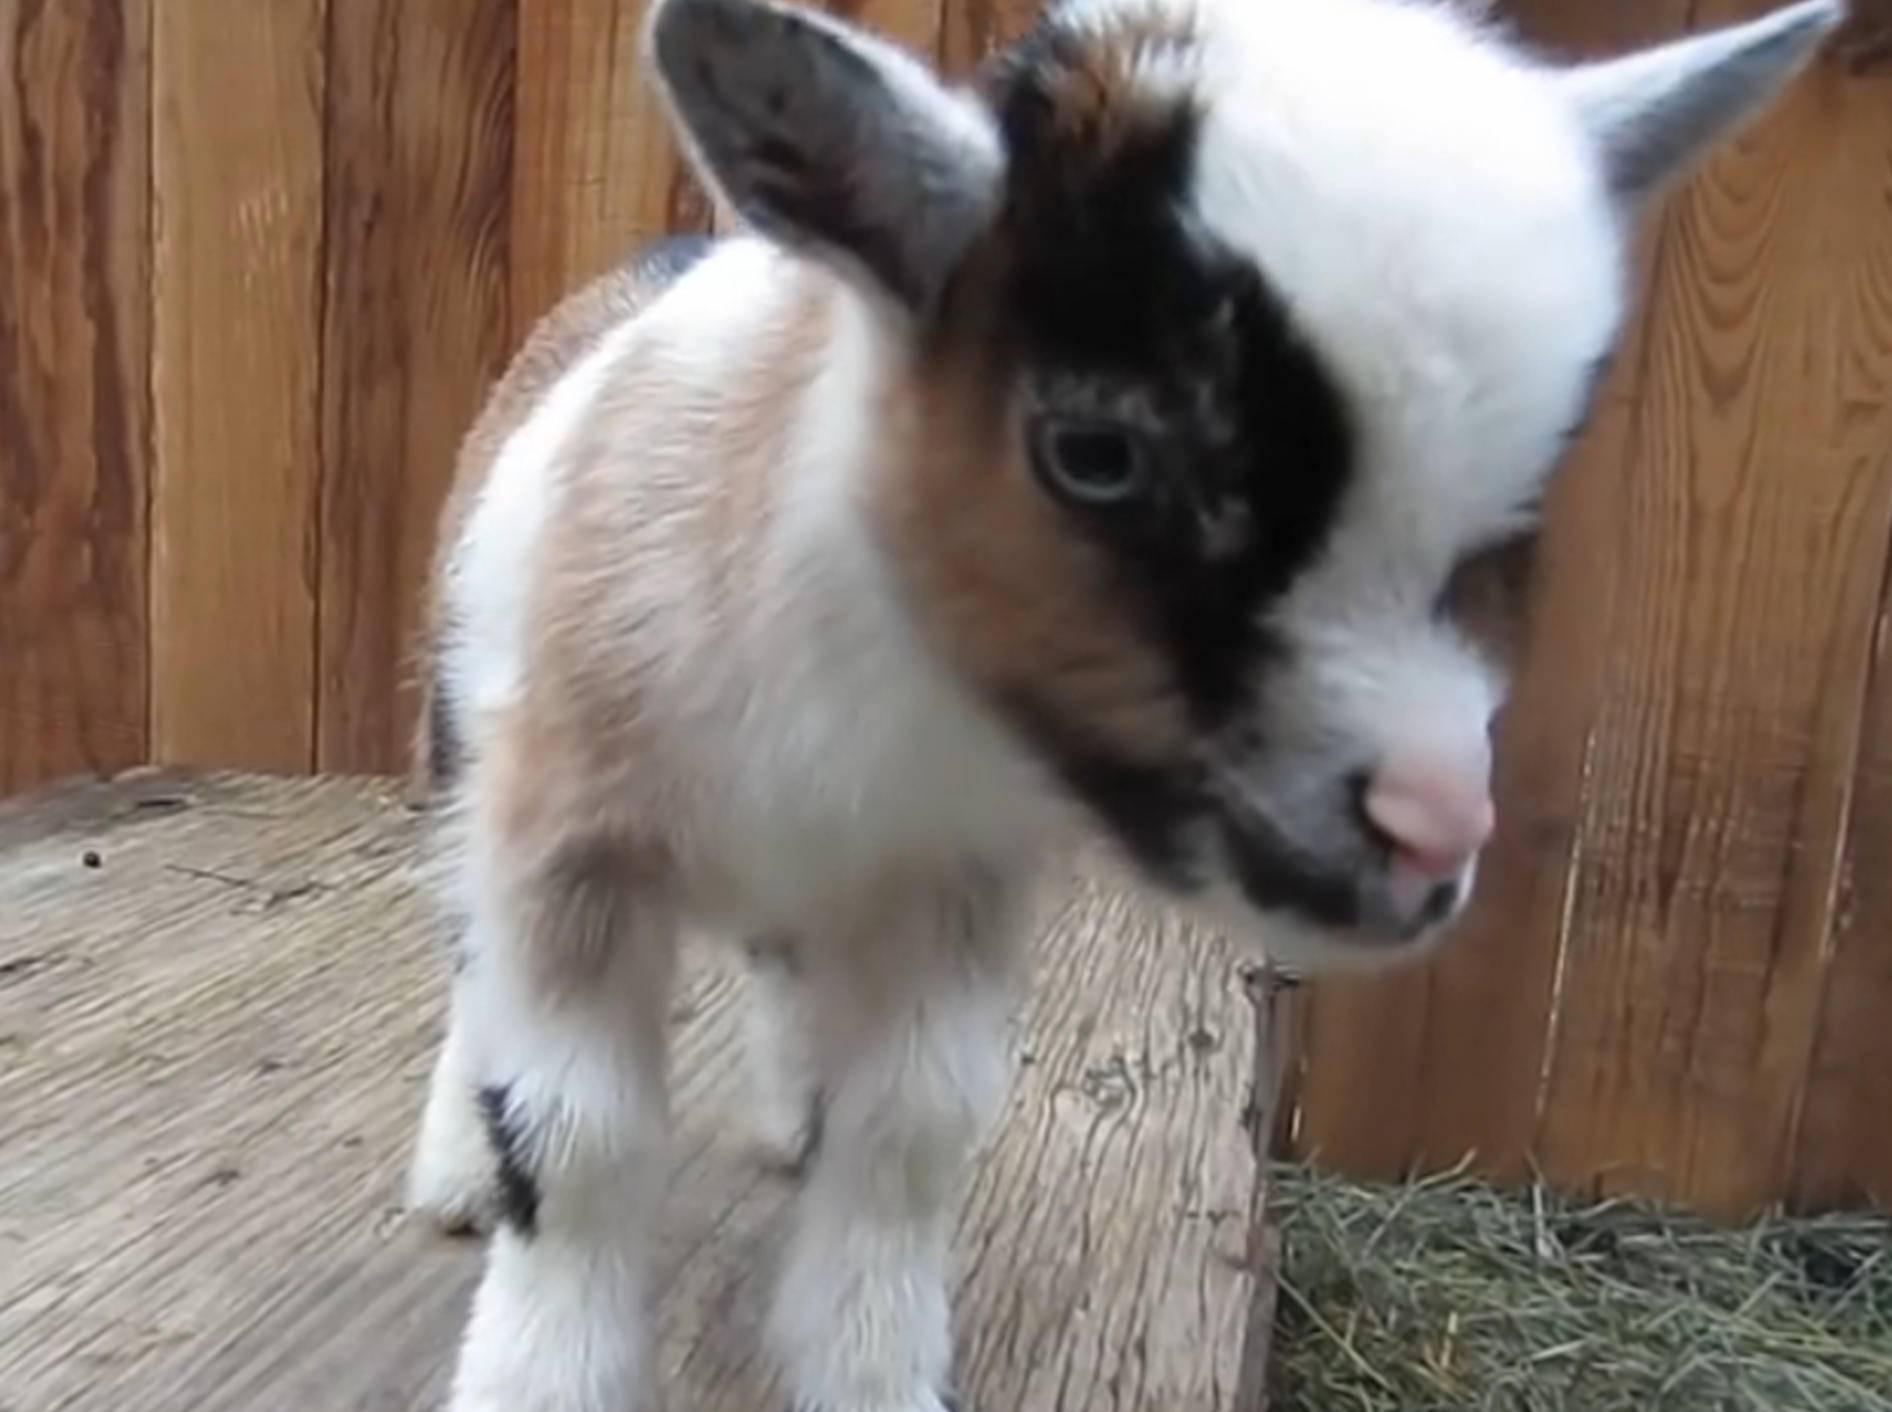 Ziegenbabys außer Rand und Band – Bild: YouTube / First Time Farmers